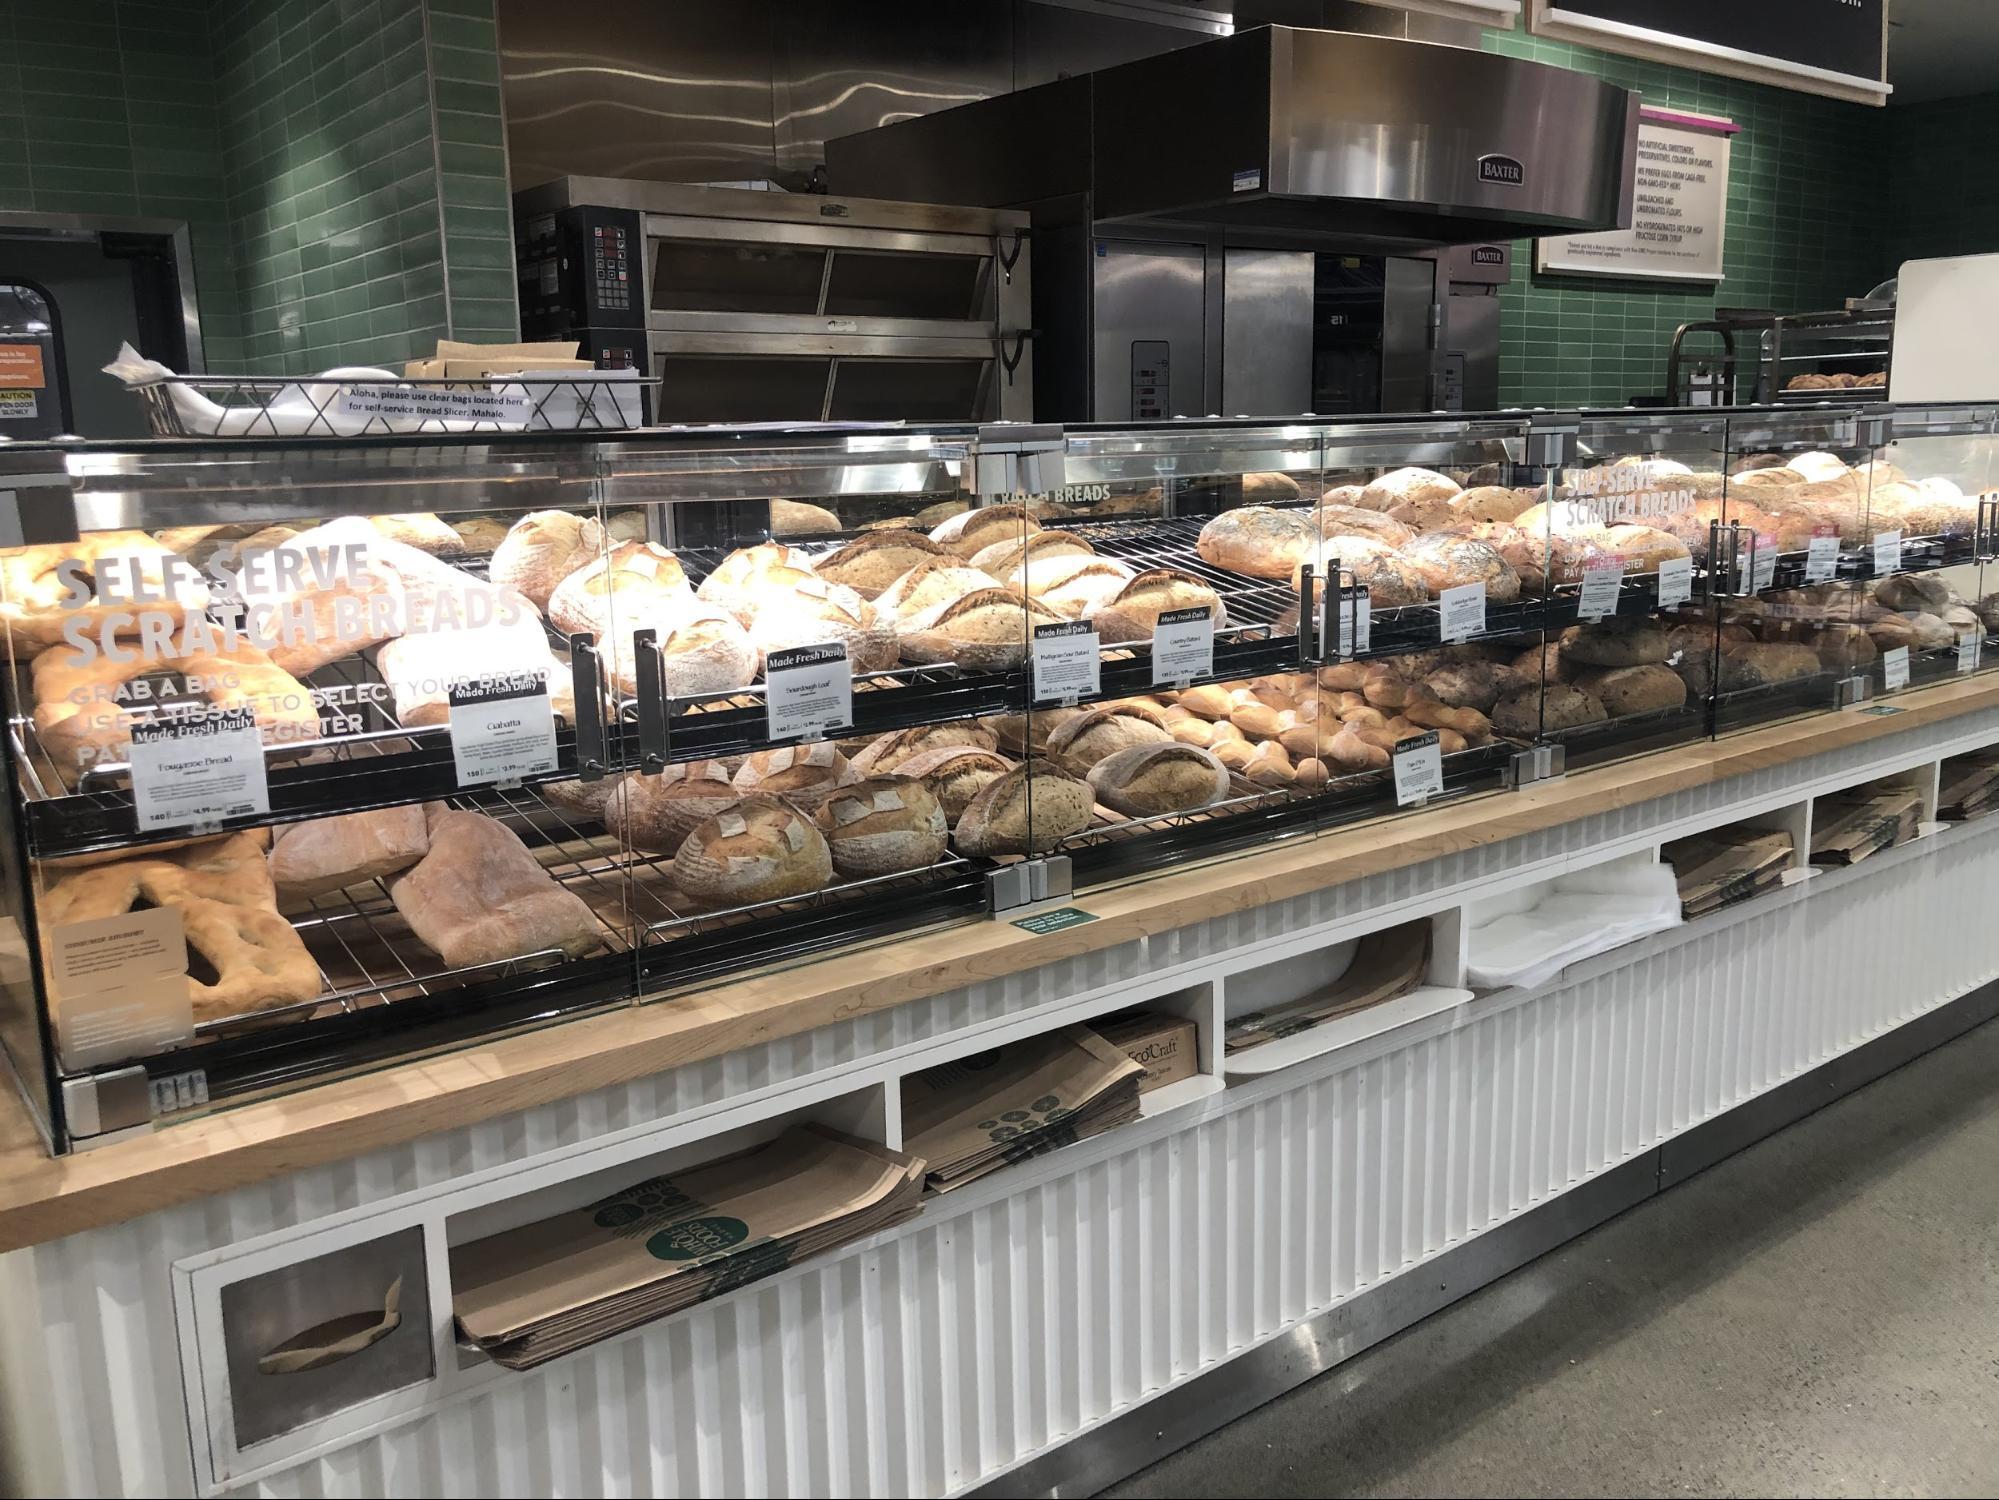 ハワイ・ホールフーズの飲食店/フードコートグルメ・パン類